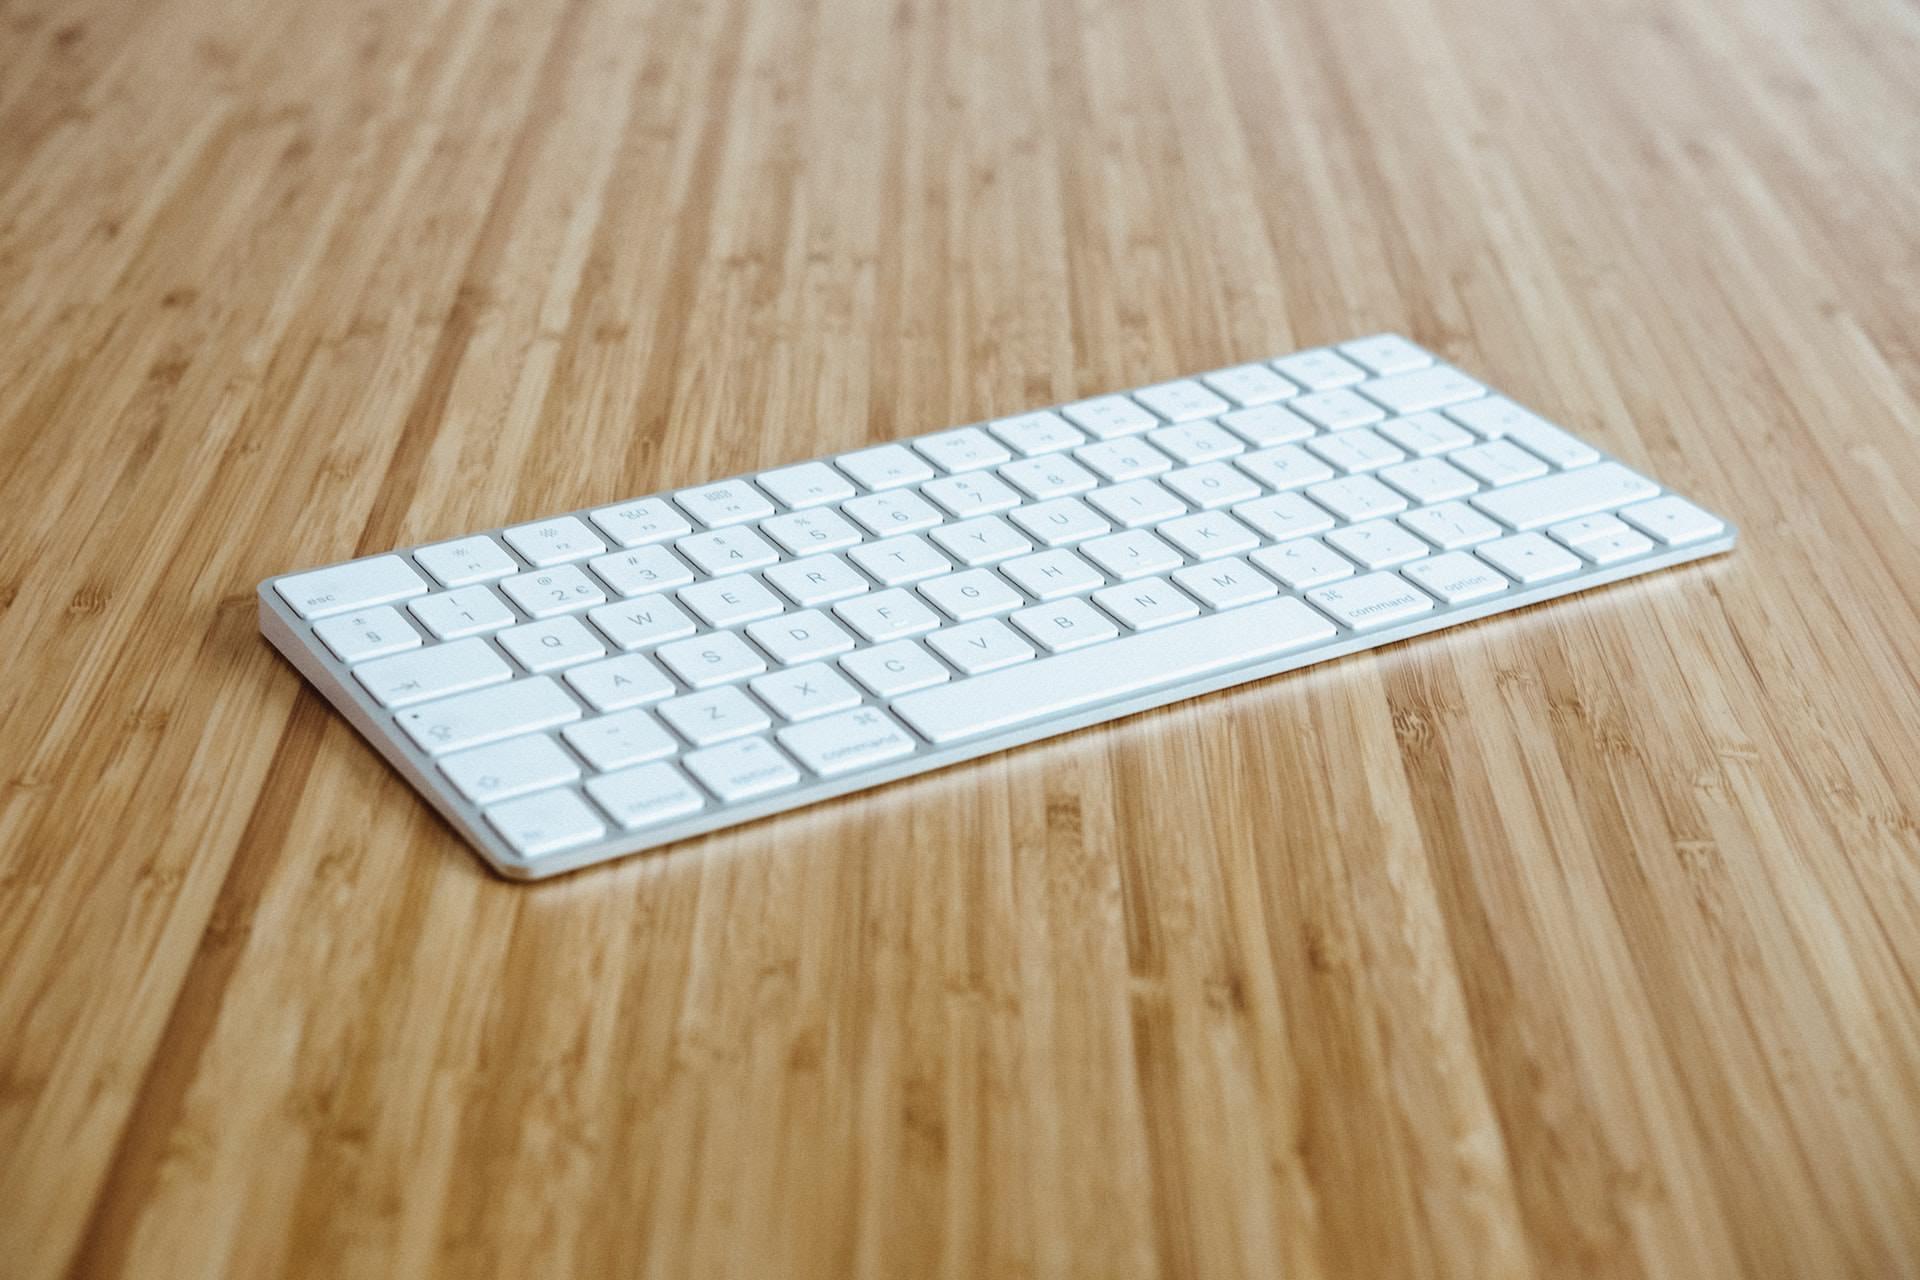 Magic Keyboardは使いづらい